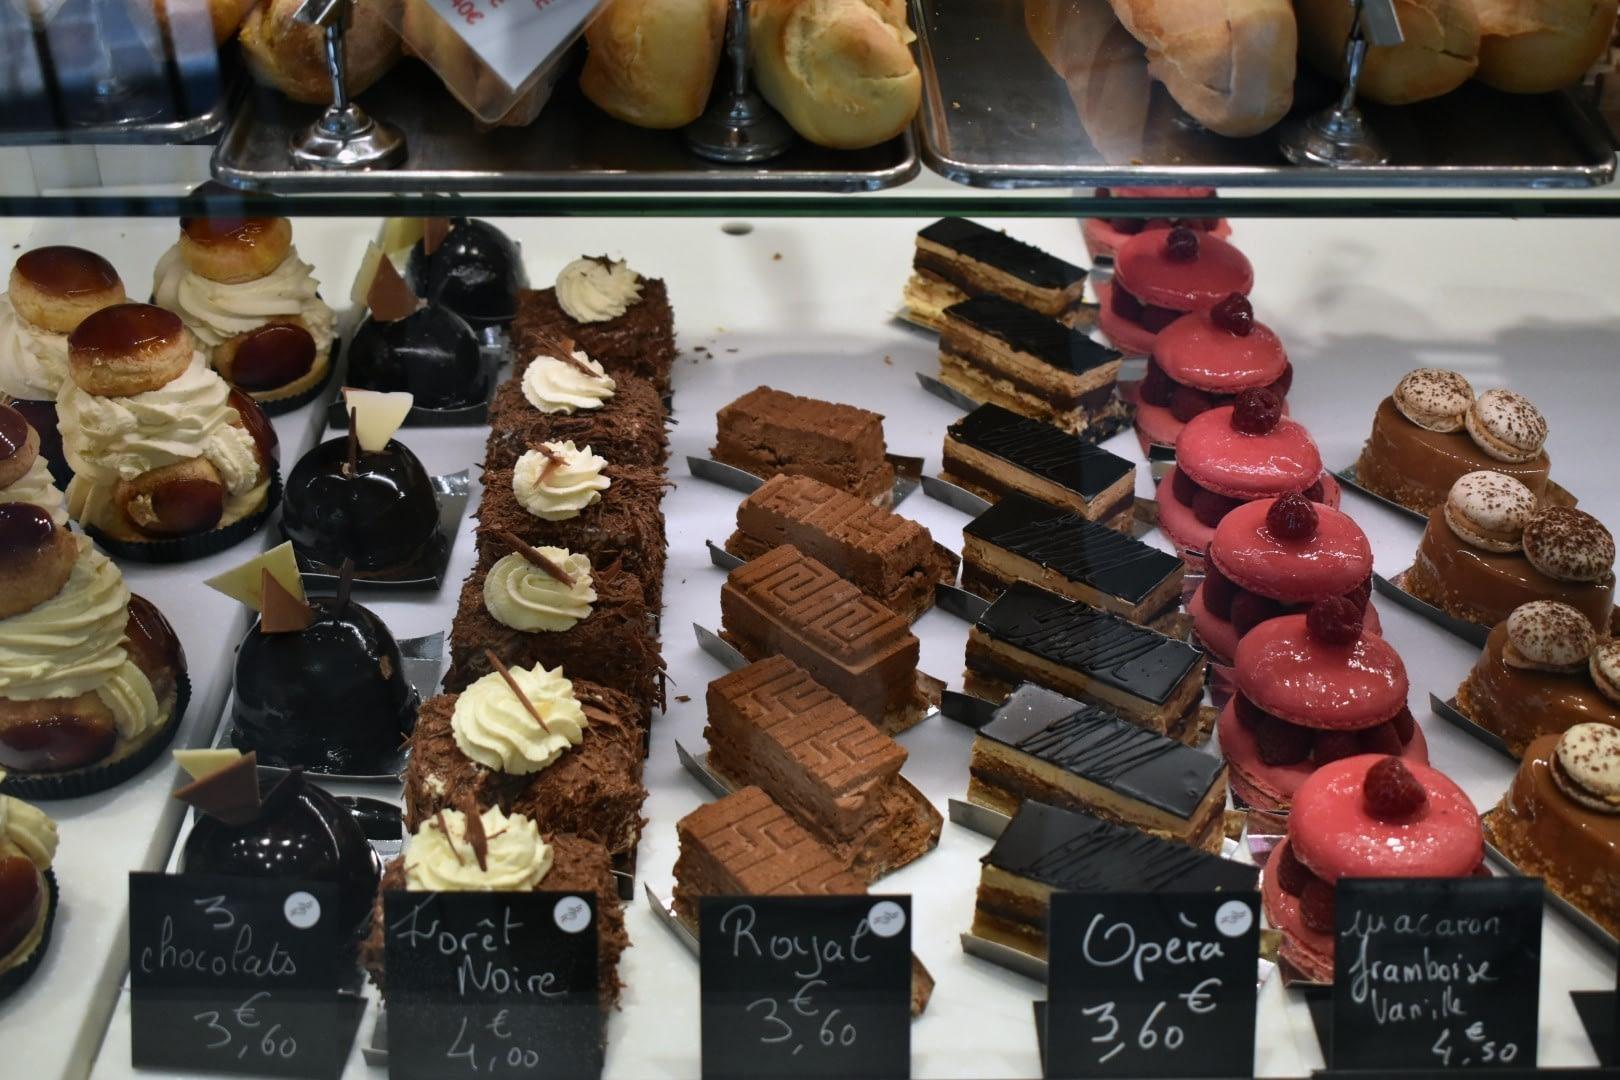 Boulangerie Patisserie La Poterne, 17 Place de l'Abbé Georges Hénocque, Paris